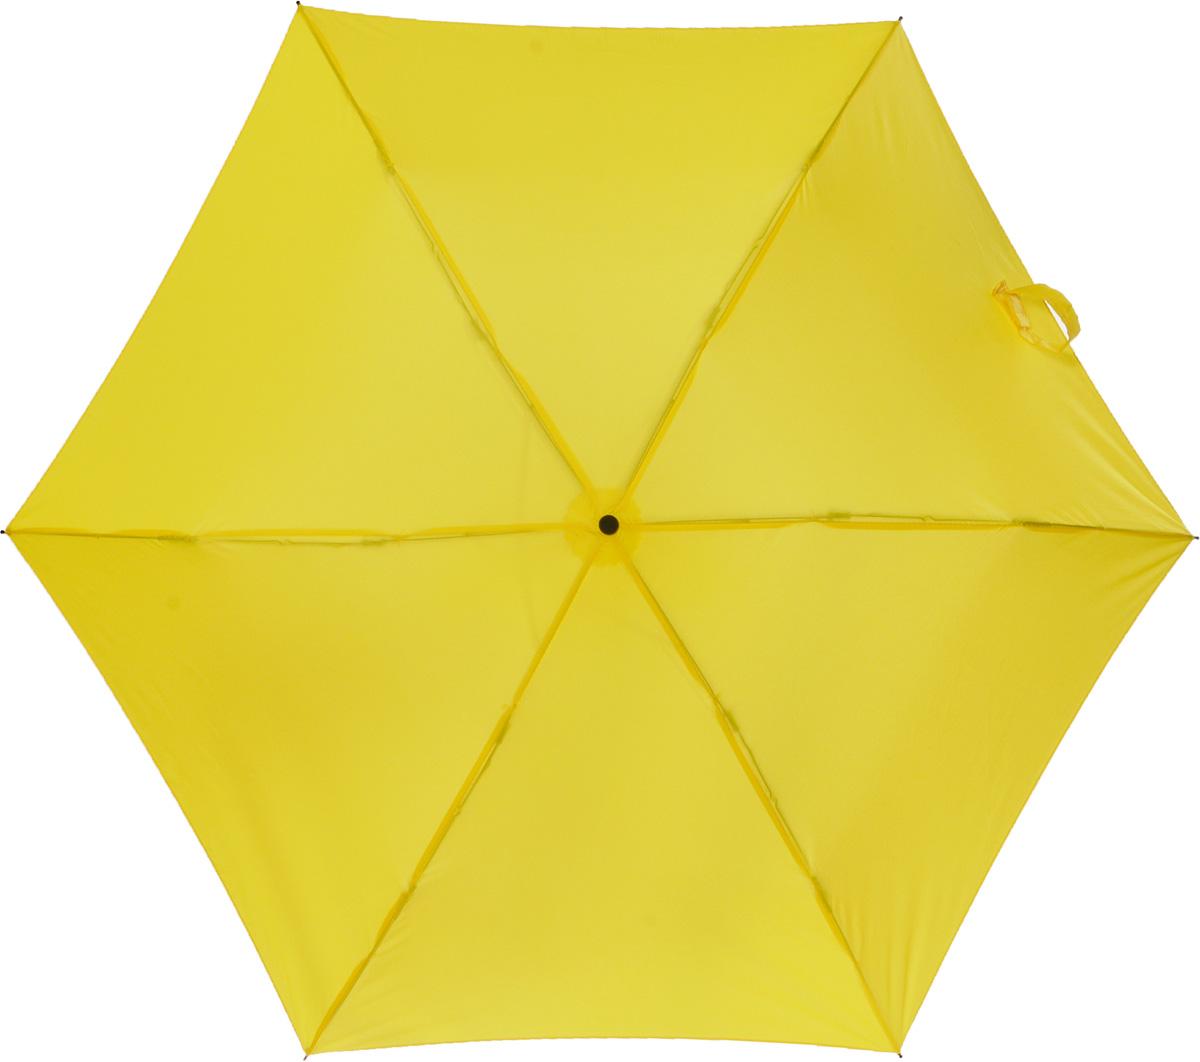 Зонт женский Эврика Банан, цвет: желтый. 9527695276Оригинальный подарочный компактный зонт. Диаметр купола в раскрытом виде 90 см, высота зонта 52 см. материал: нейлон, металл, пластик Bec : 0,325кг